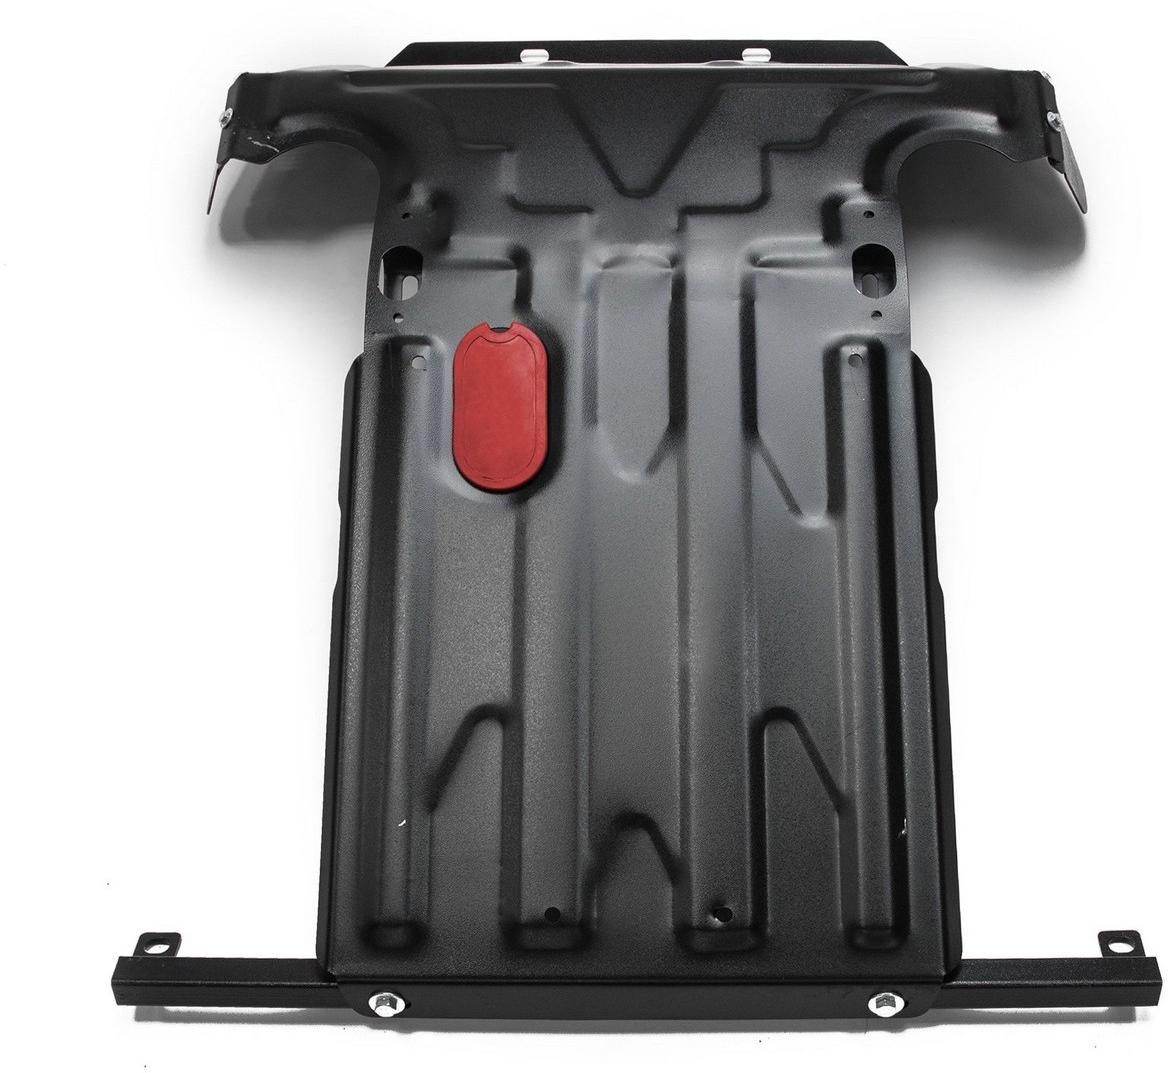 Защита картера Автоброня Chevrolet Niva 2002-, сталь 2 мм1.01017.1Защита картера Автоброня Chevrolet Niva, V- 1,7 2002-, сталь 2 мм, штатный крепеж, 1.01017.1 Дополнительно можно приобрести другие защитные элементы из комплекта: защита КПП - 111.01014.2, защита РК - 111.01011.3Стальные защиты Автоброня надежно защищают ваш автомобиль от повреждений при наезде на бордюры, выступающие канализационные люки, кромки поврежденного асфальта или при ремонте дорог, не говоря уже о загородных дорогах. - Имеют оптимальное соотношение цена-качество. - Спроектированы с учетом особенностей автомобиля, что делает установку удобной. - Защита устанавливается в штатные места кузова автомобиля. - Является надежной защитой для важных элементов на протяжении долгих лет. - Глубокий штамп дополнительно усиливает конструкцию защиты. - Подштамповка в местах крепления защищает крепеж от срезания. - Технологические отверстия там, где они необходимы для смены масла и слива воды, оборудованные заглушками, закрепленными на защите. Толщина стали 2 мм. В комплекте инструкция по установке. При установке используется штатный крепеж автомобиля.